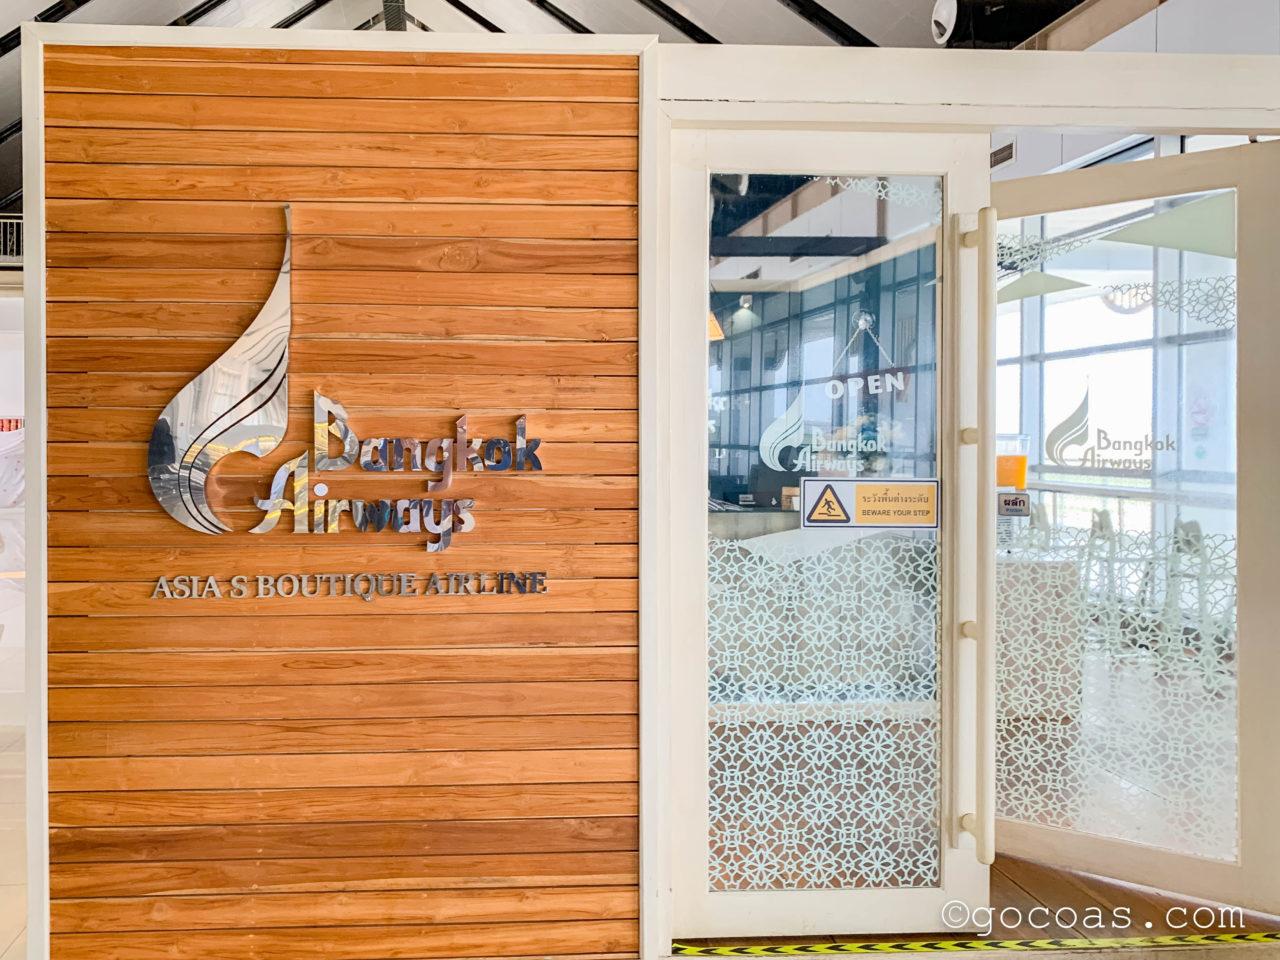 ルアンパバーン国際空港のBANGKOK AIRWAYS LUANG PRABANG LOUNGEの外観